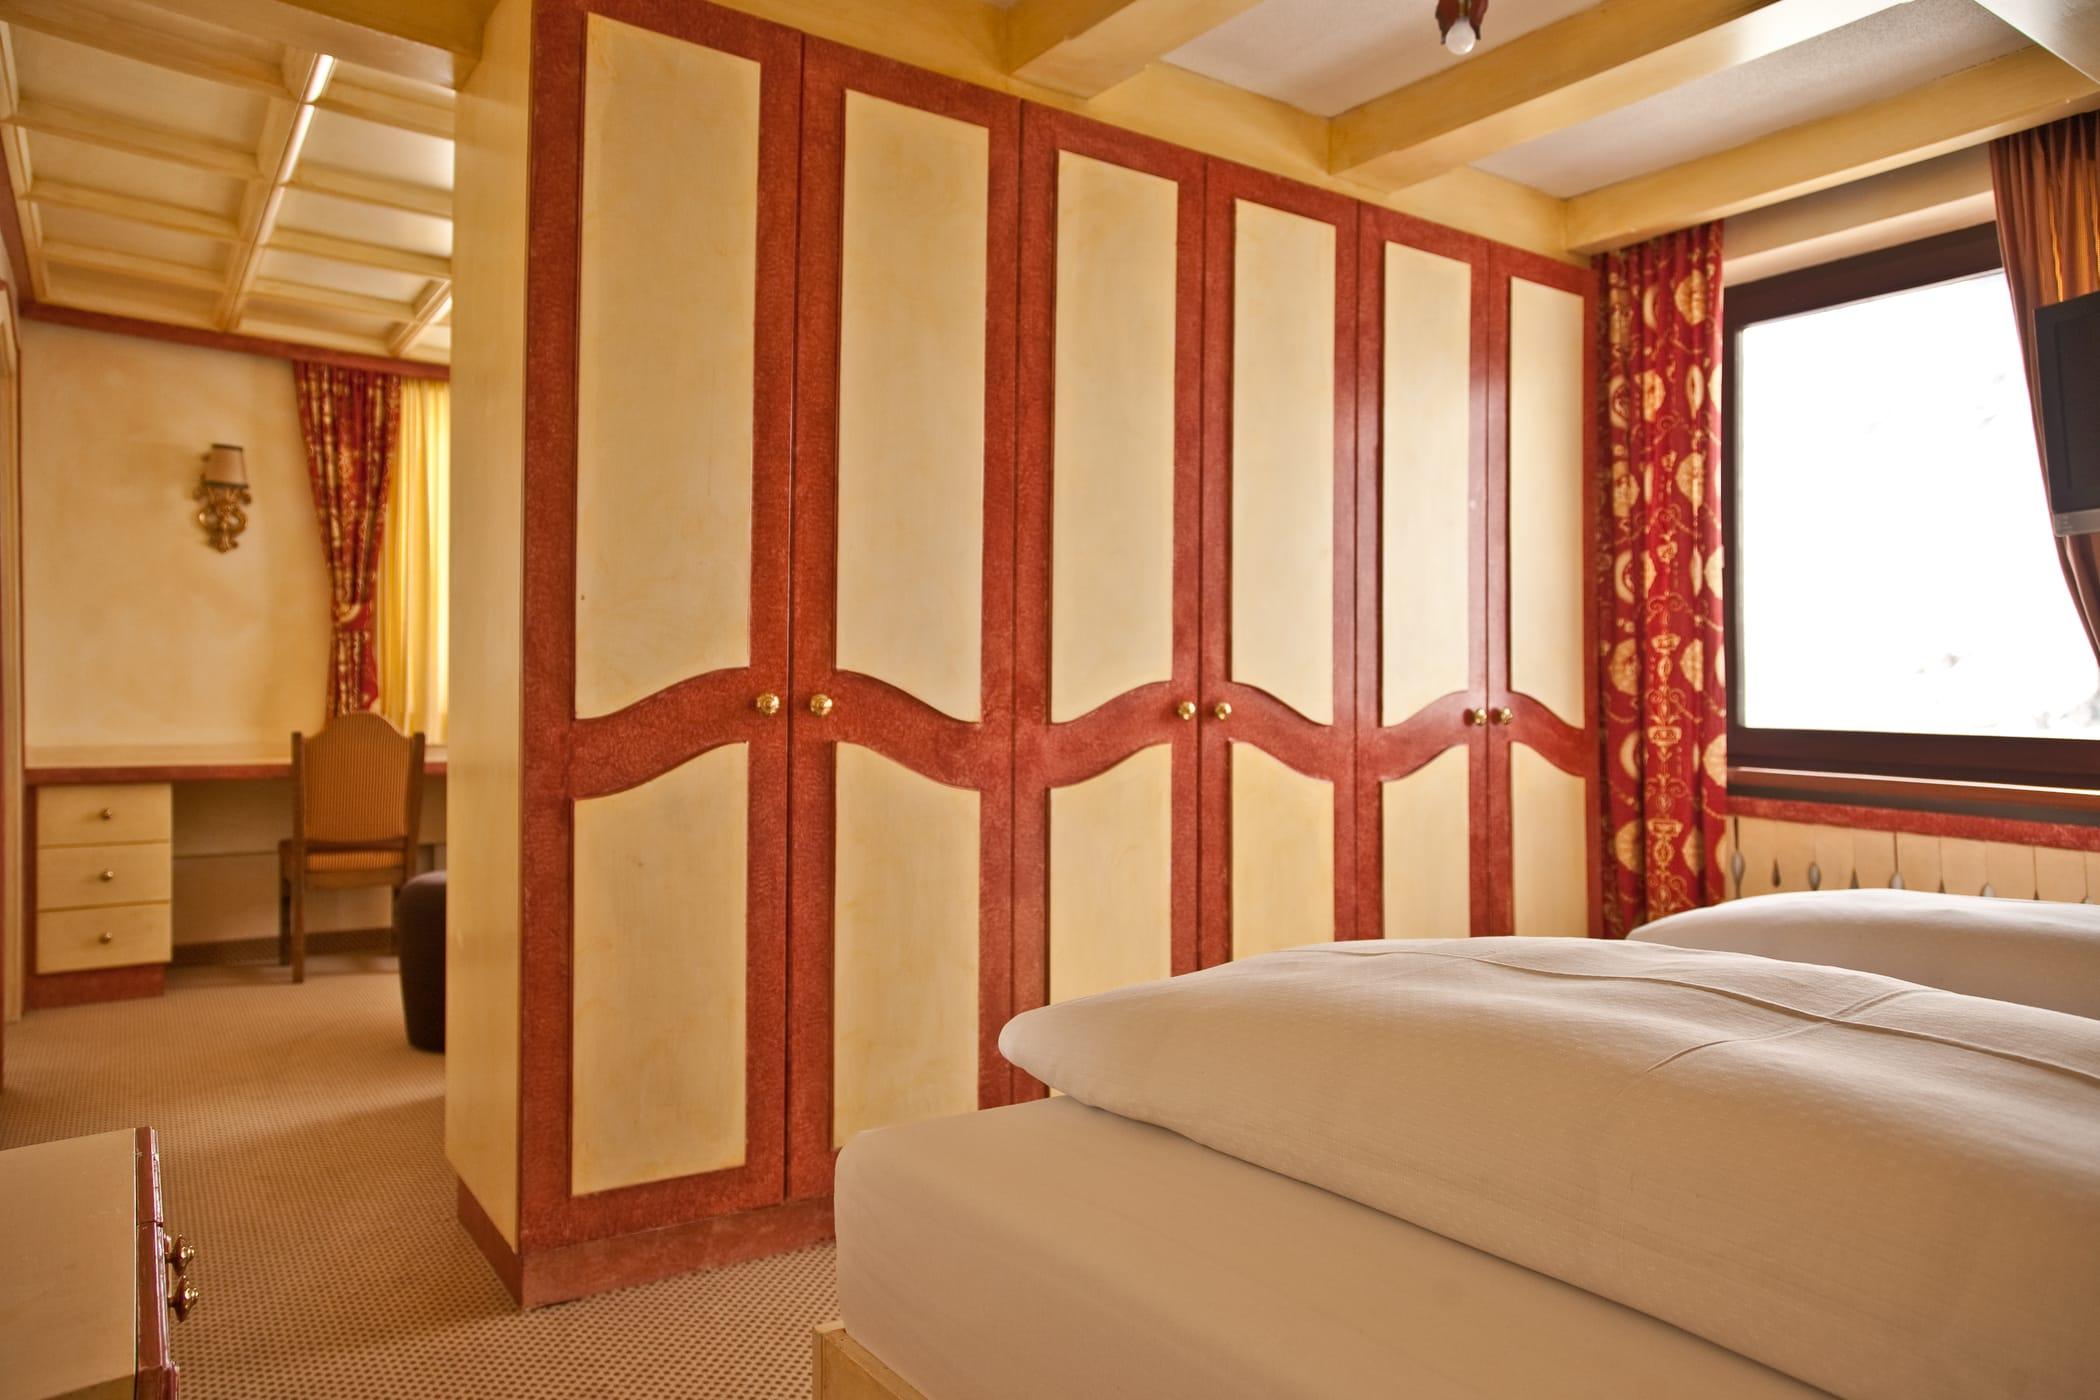 guenstig-skiurlaub-zuers-am-arlberg-zimmer-flexen-5-hotel-flexen-zuers-am-arlberg